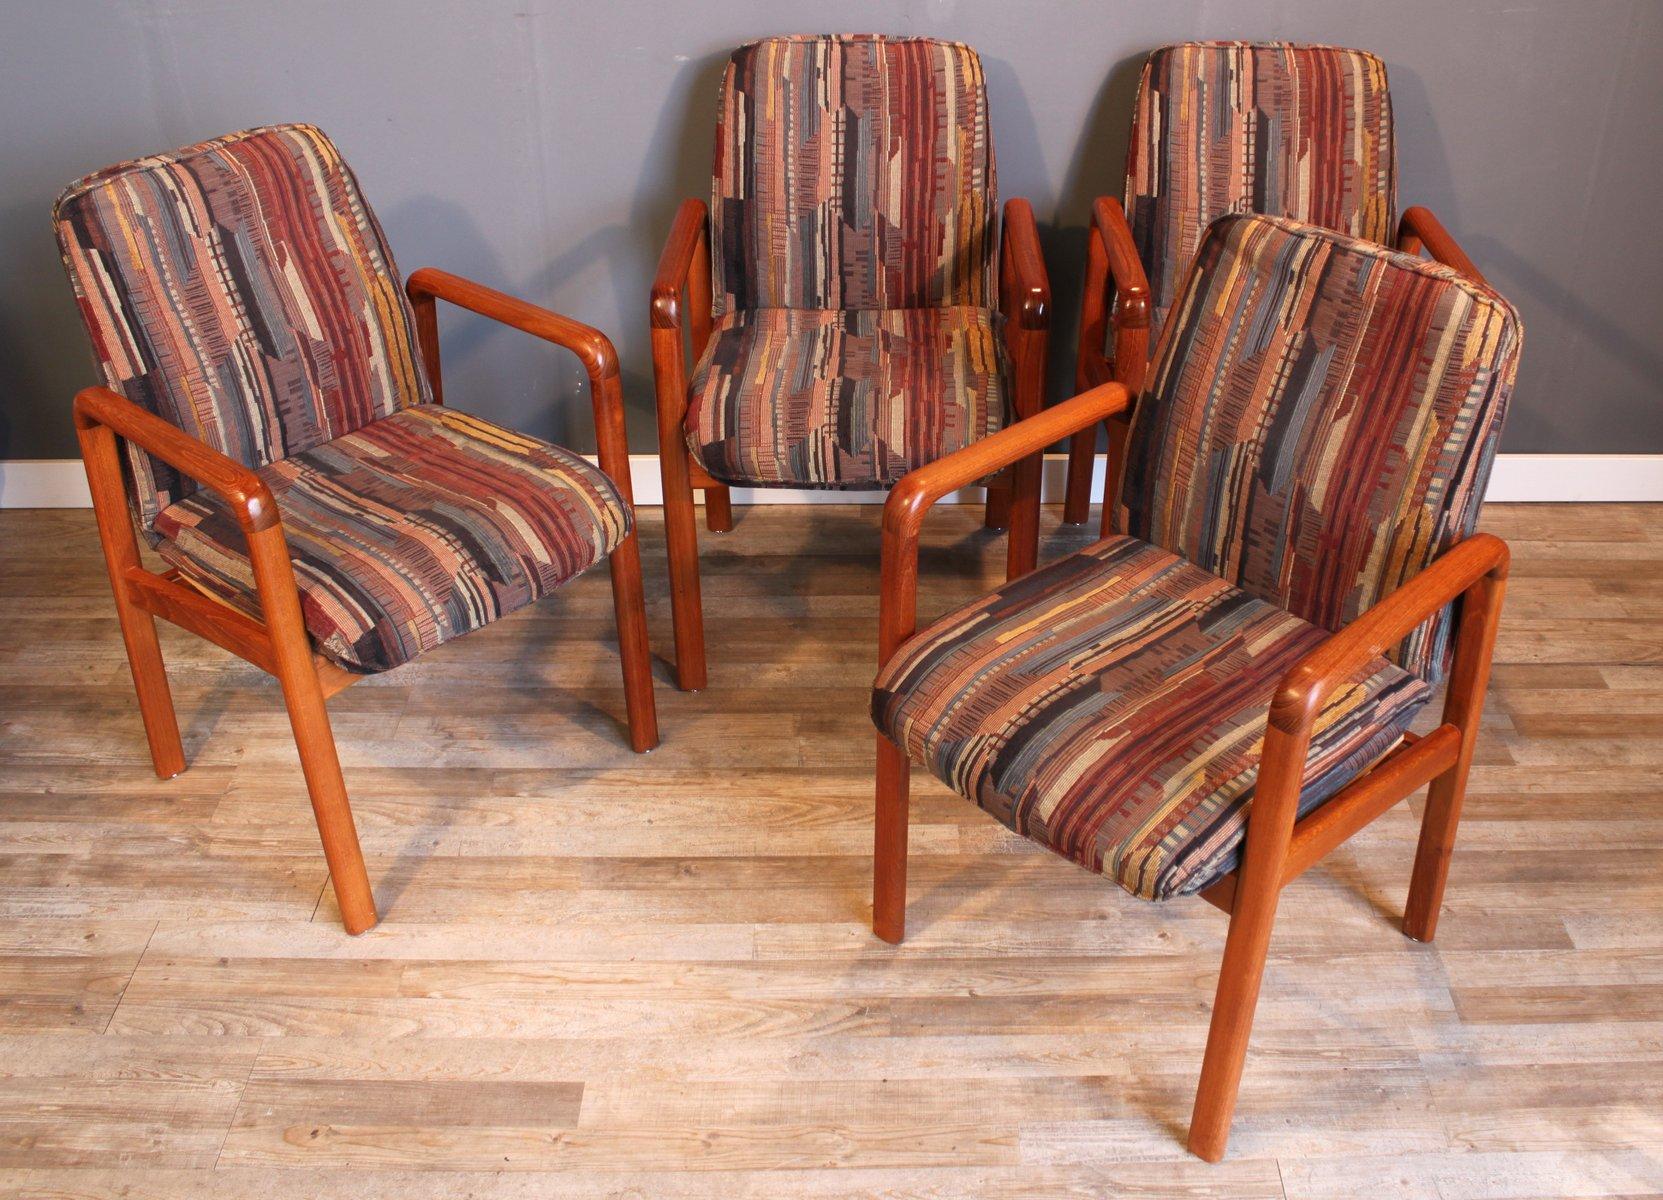 d nische mid century teak esszimmerst hle von dyrlund 4er. Black Bedroom Furniture Sets. Home Design Ideas